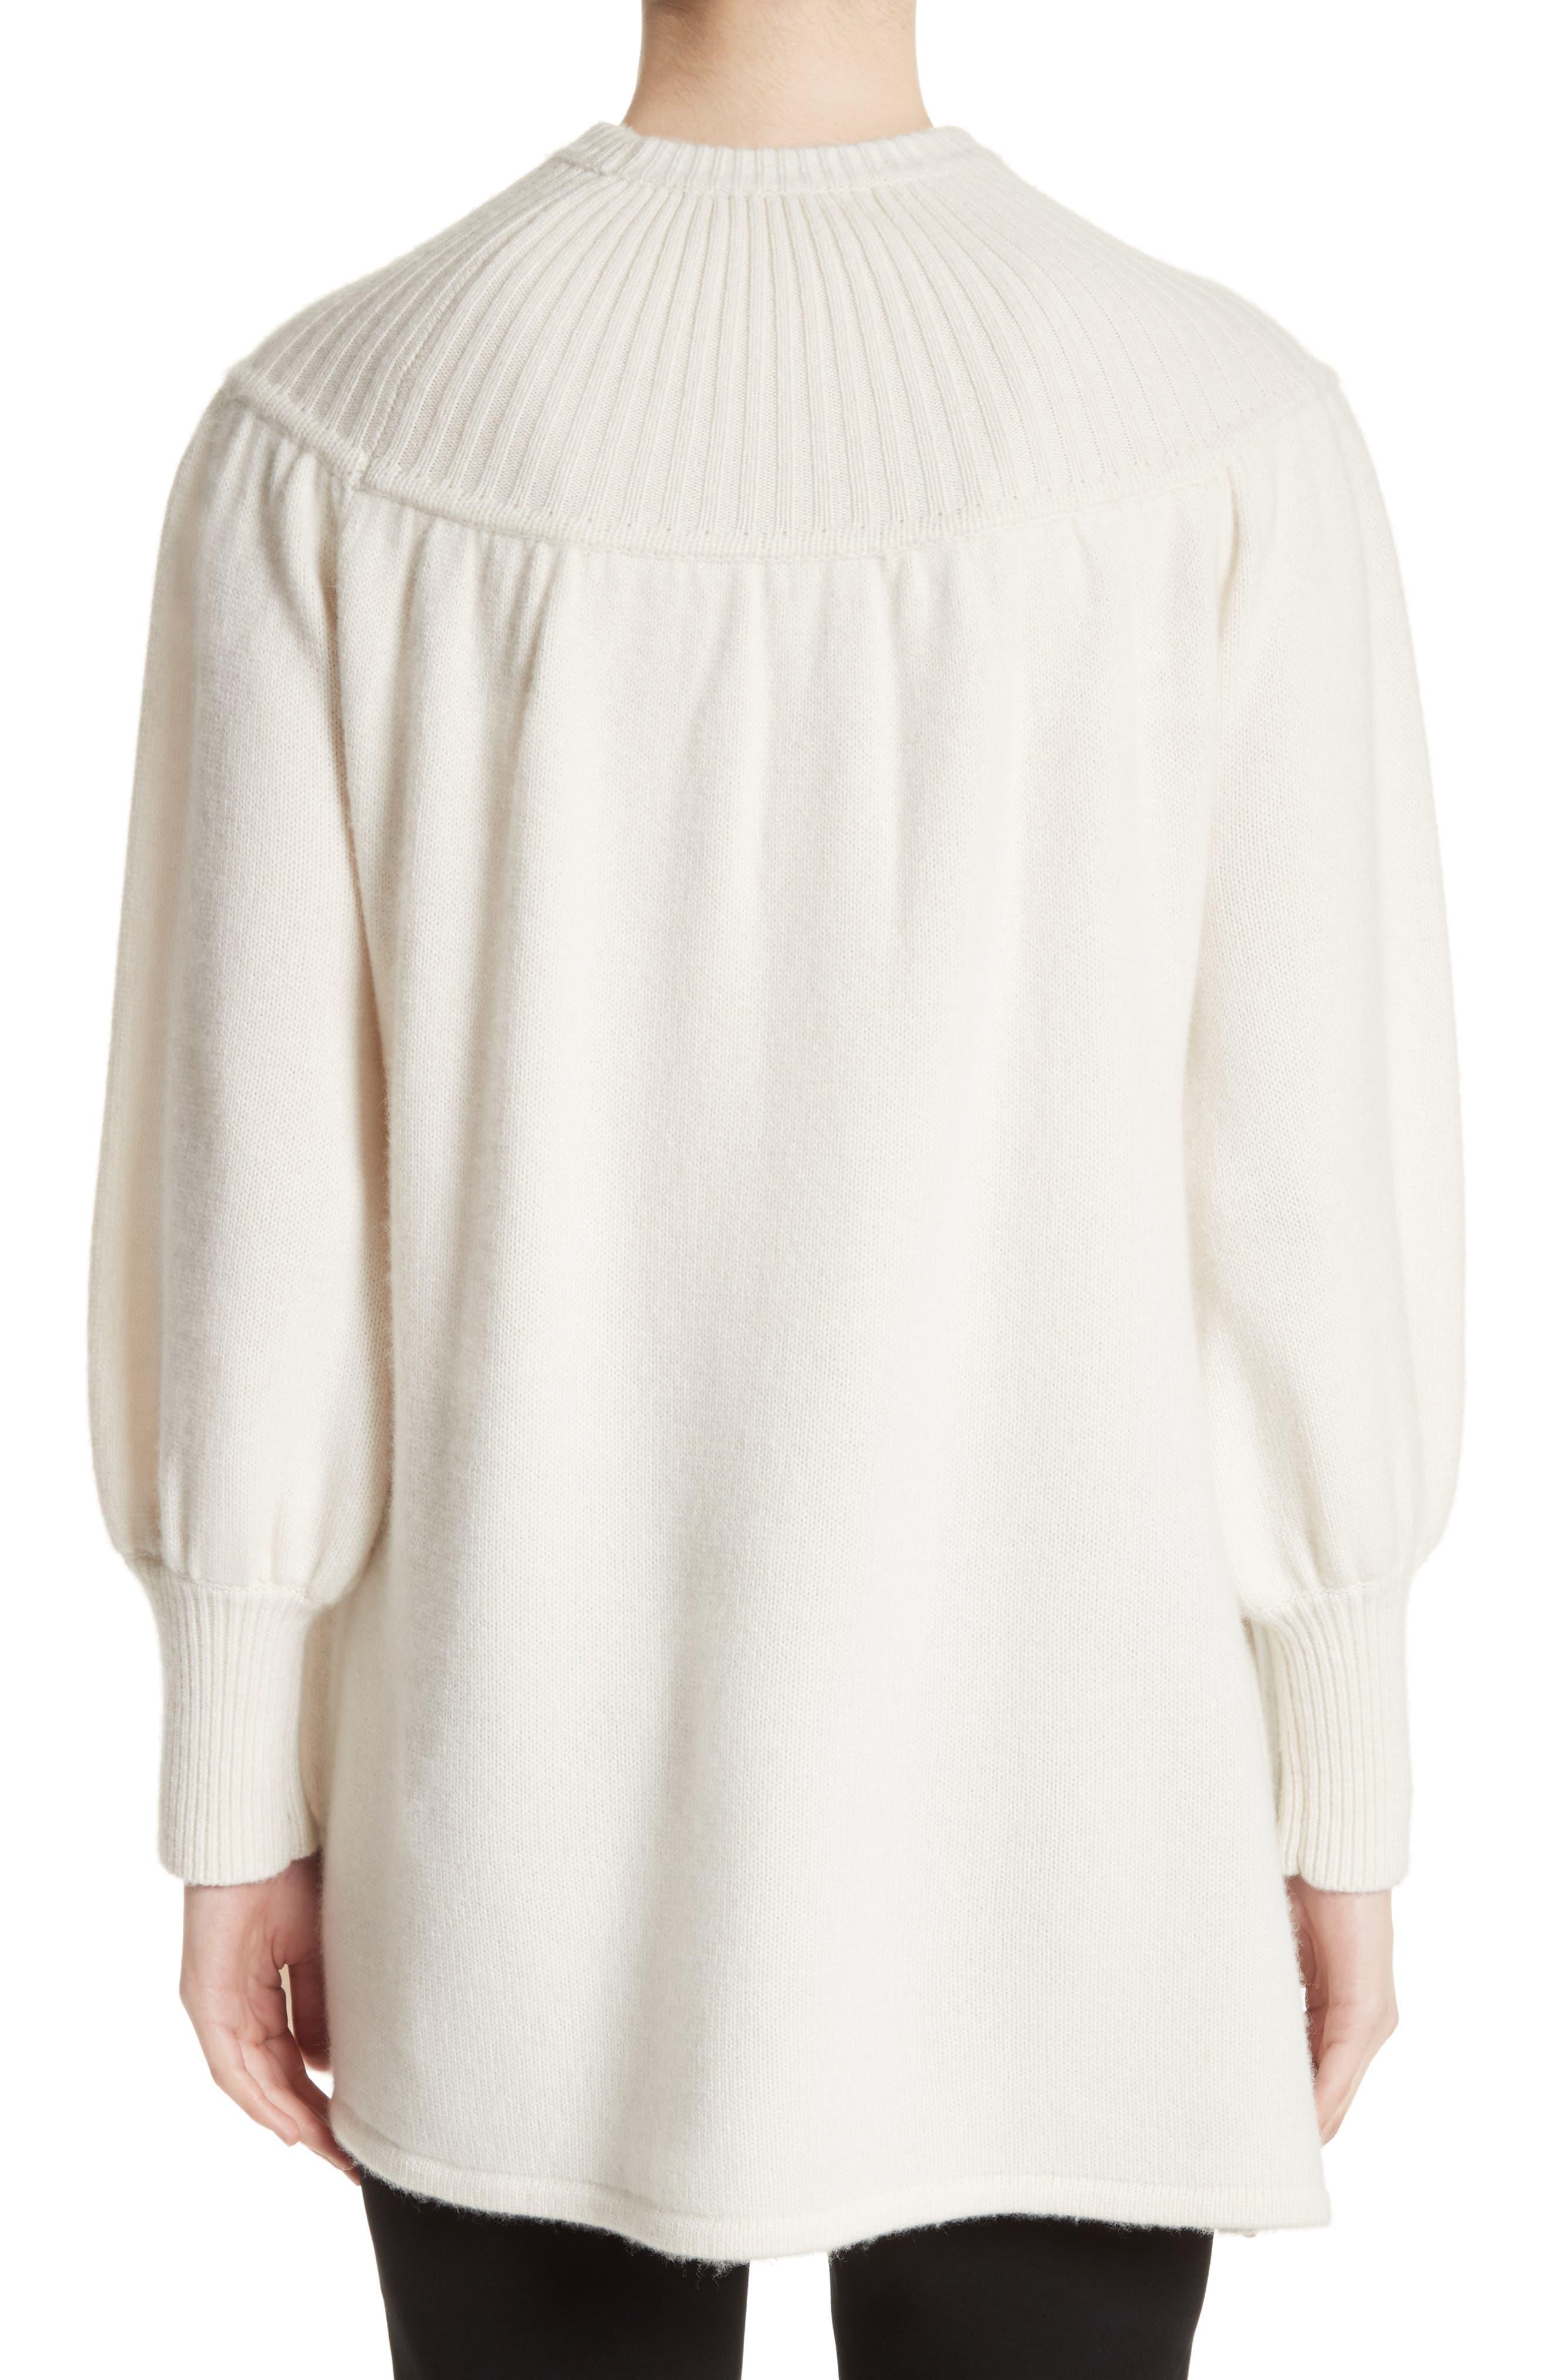 Rib Knit Cashmere Tunic Sweater,                             Alternate thumbnail 2, color,                             900